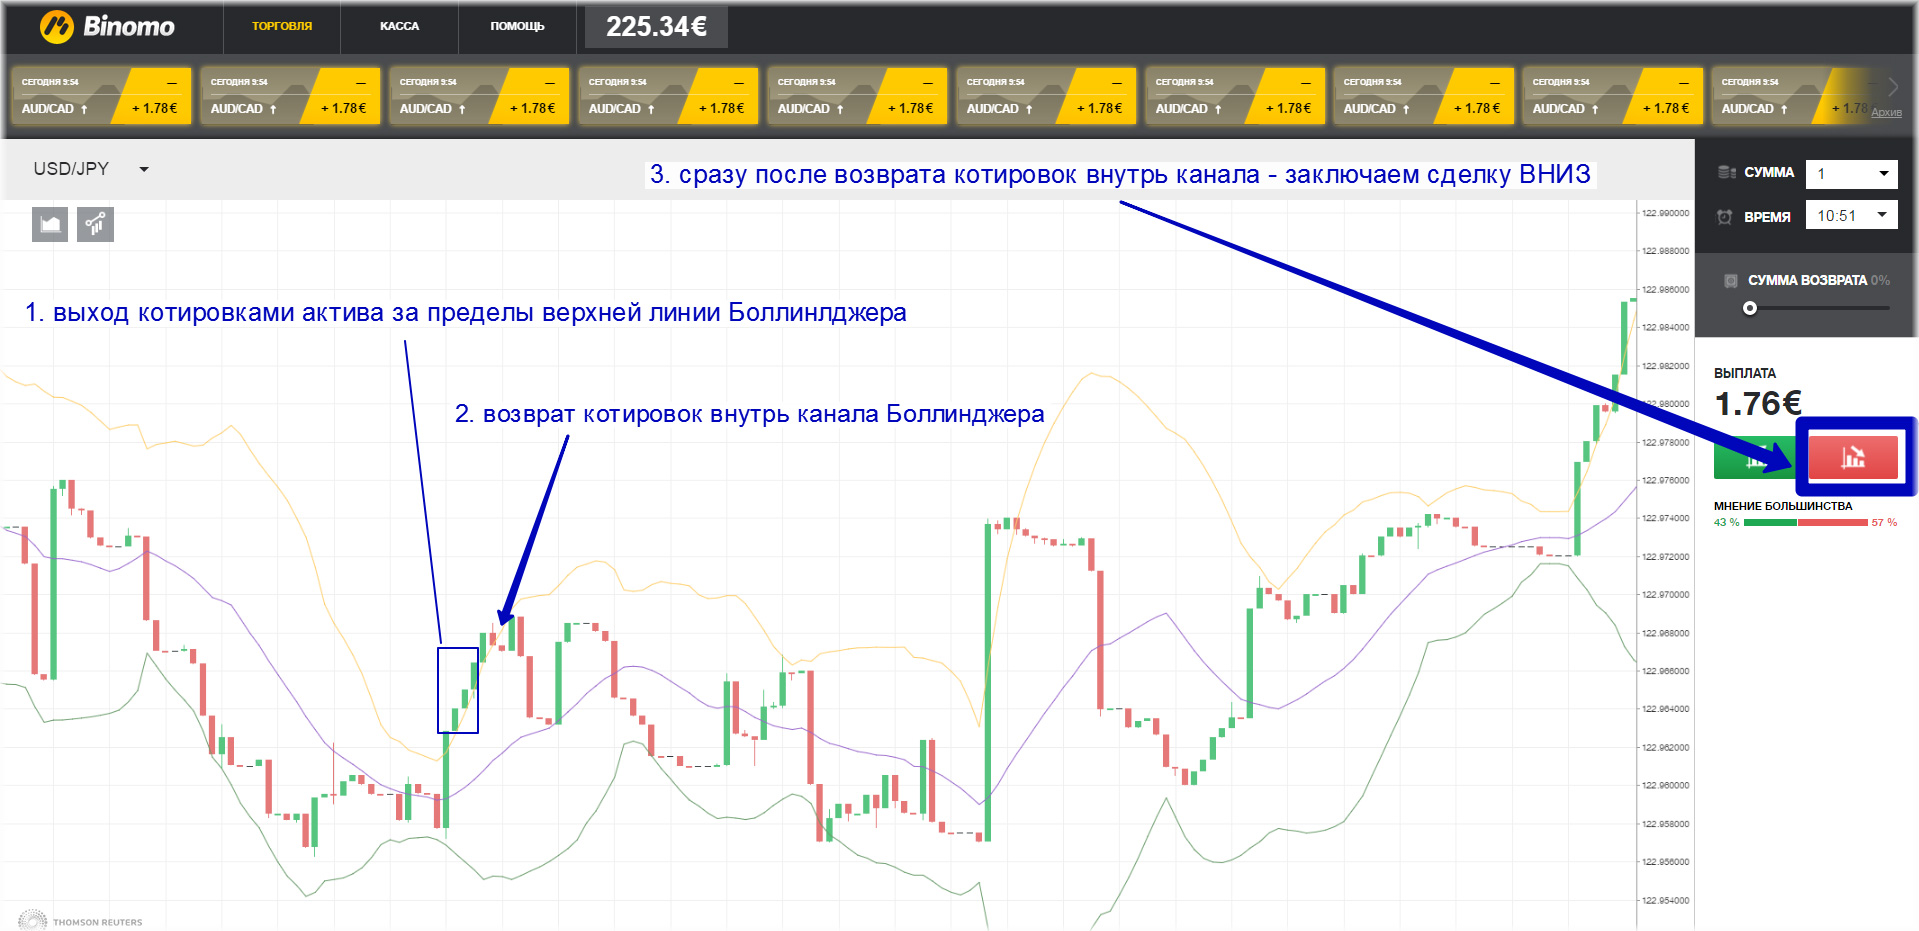 4. stratēģija - bināro opciju tirdzniecība